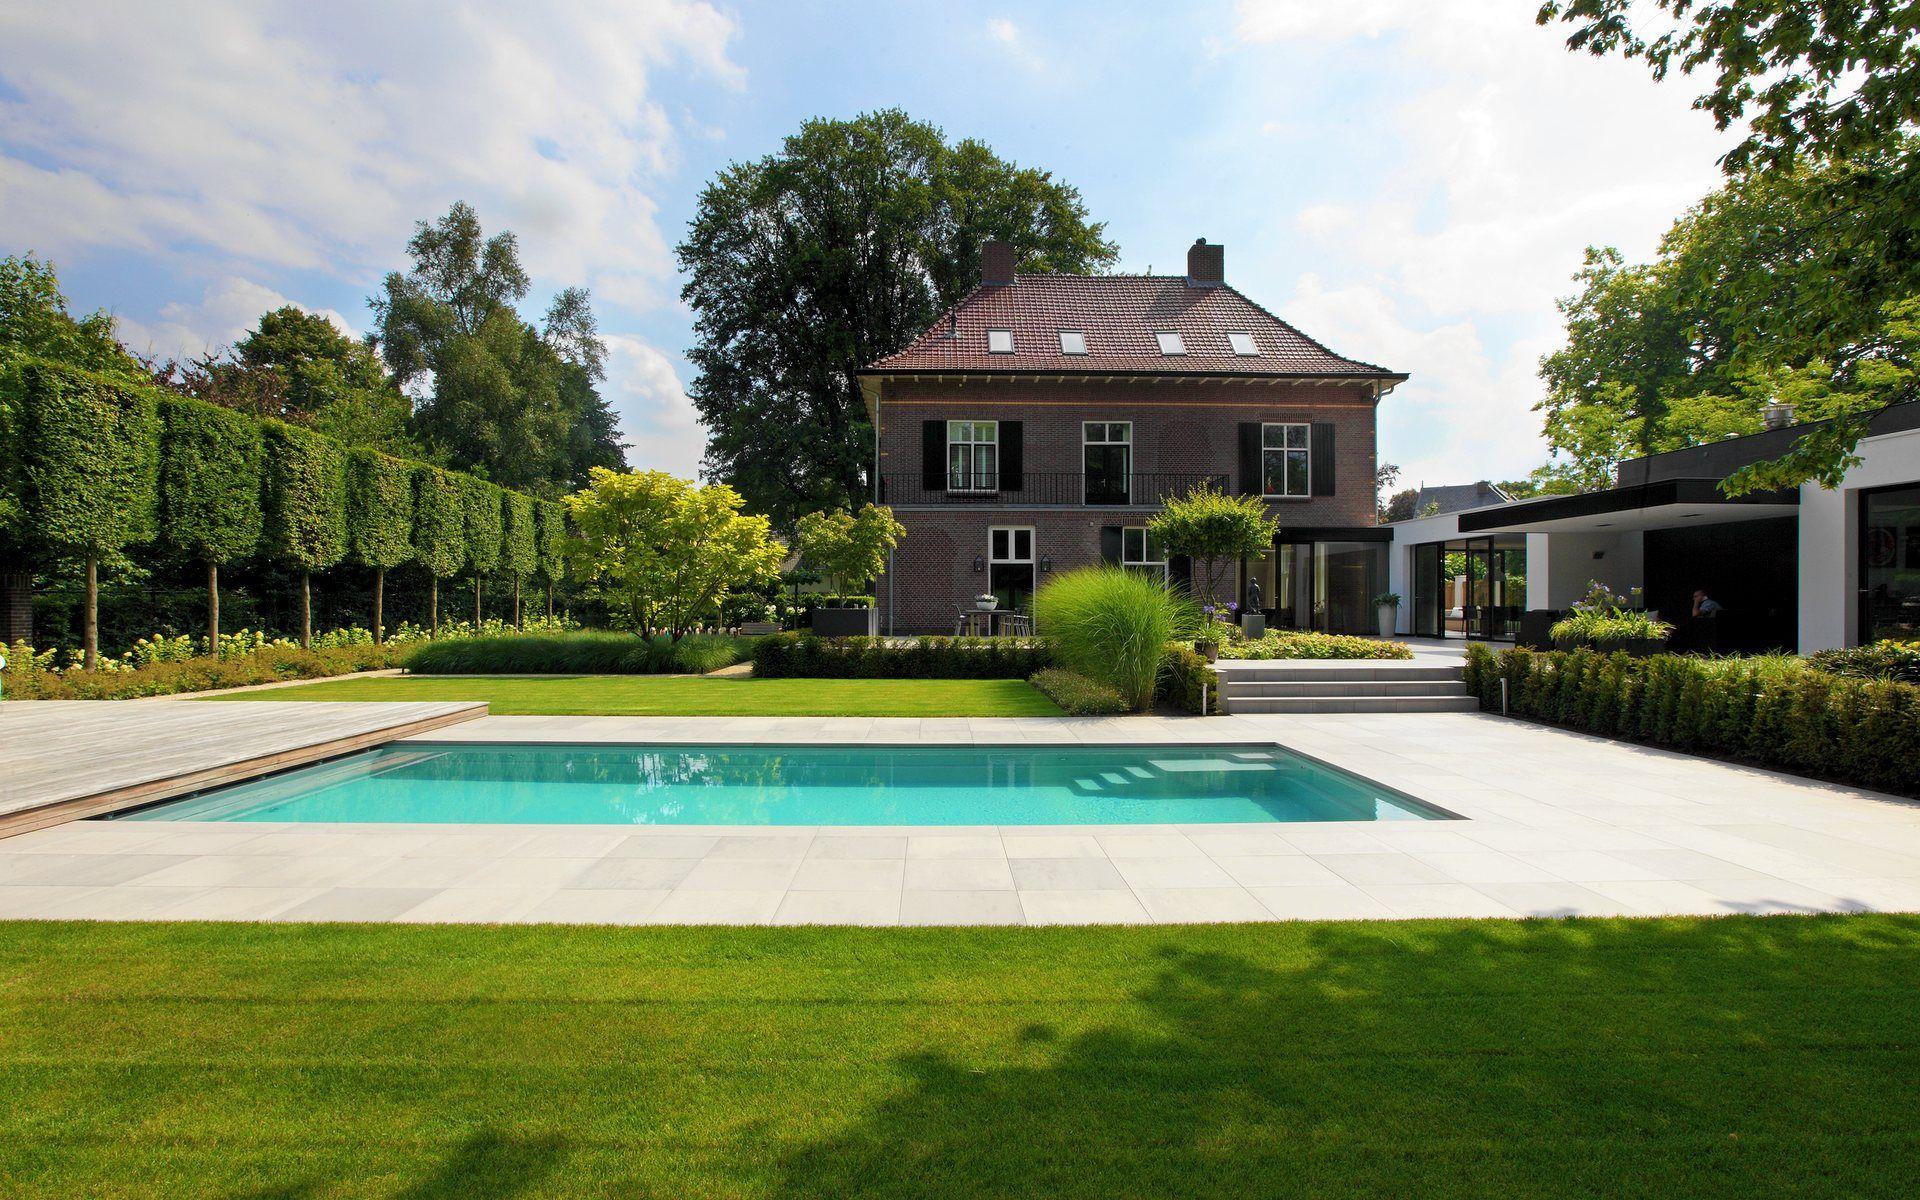 Grote Moderne Tuin : Grote moderne tuin met groot zwembad compass pools keramische tegels